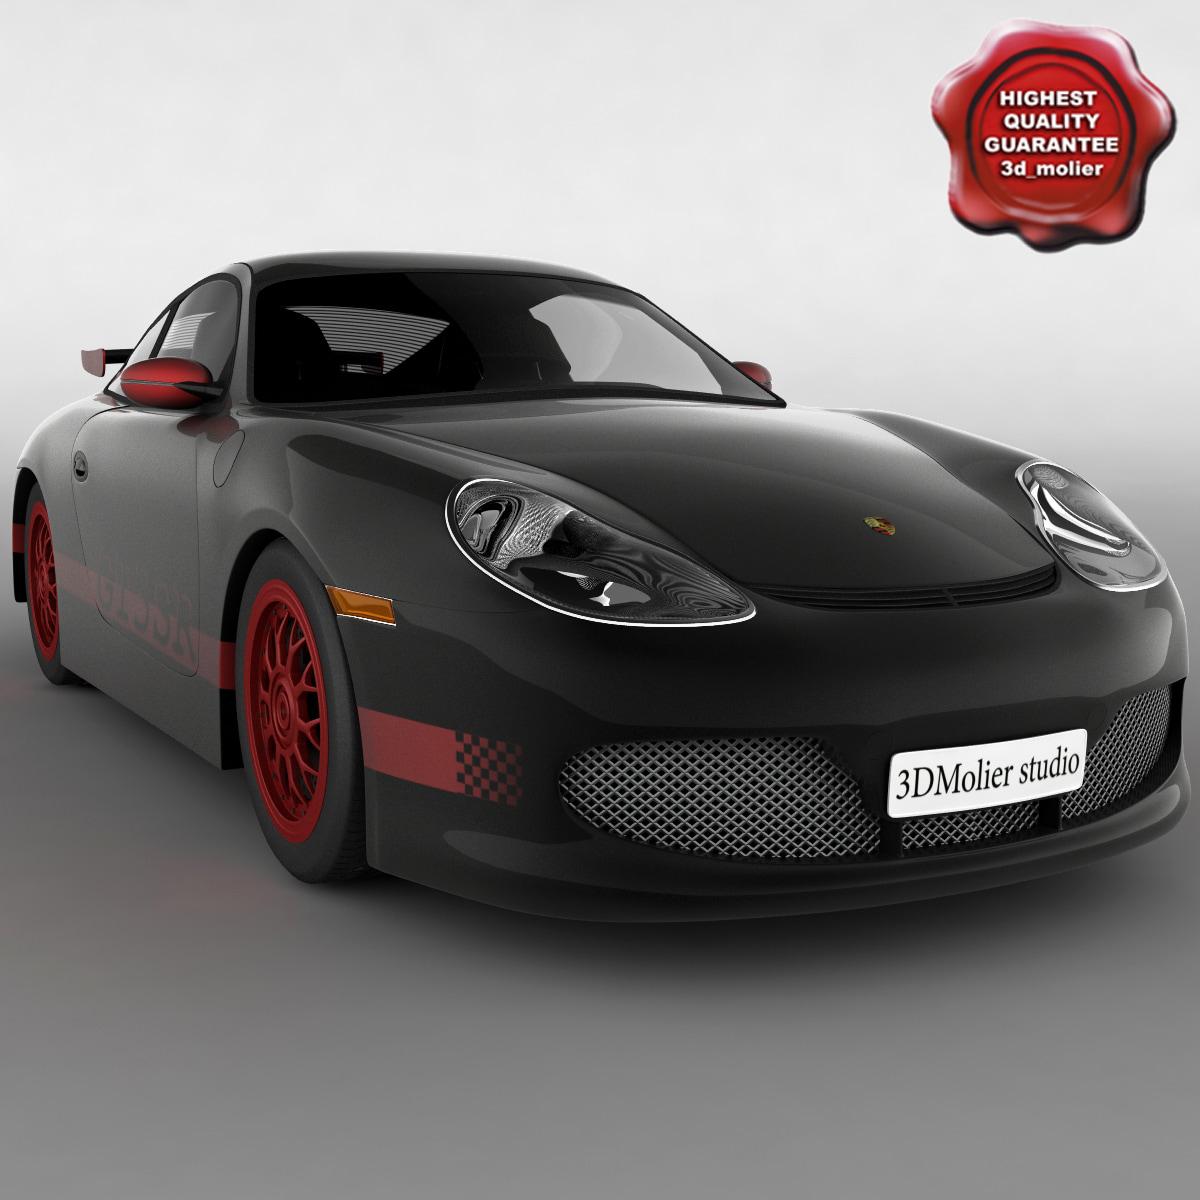 3d model realistic 911 gt3 car interior